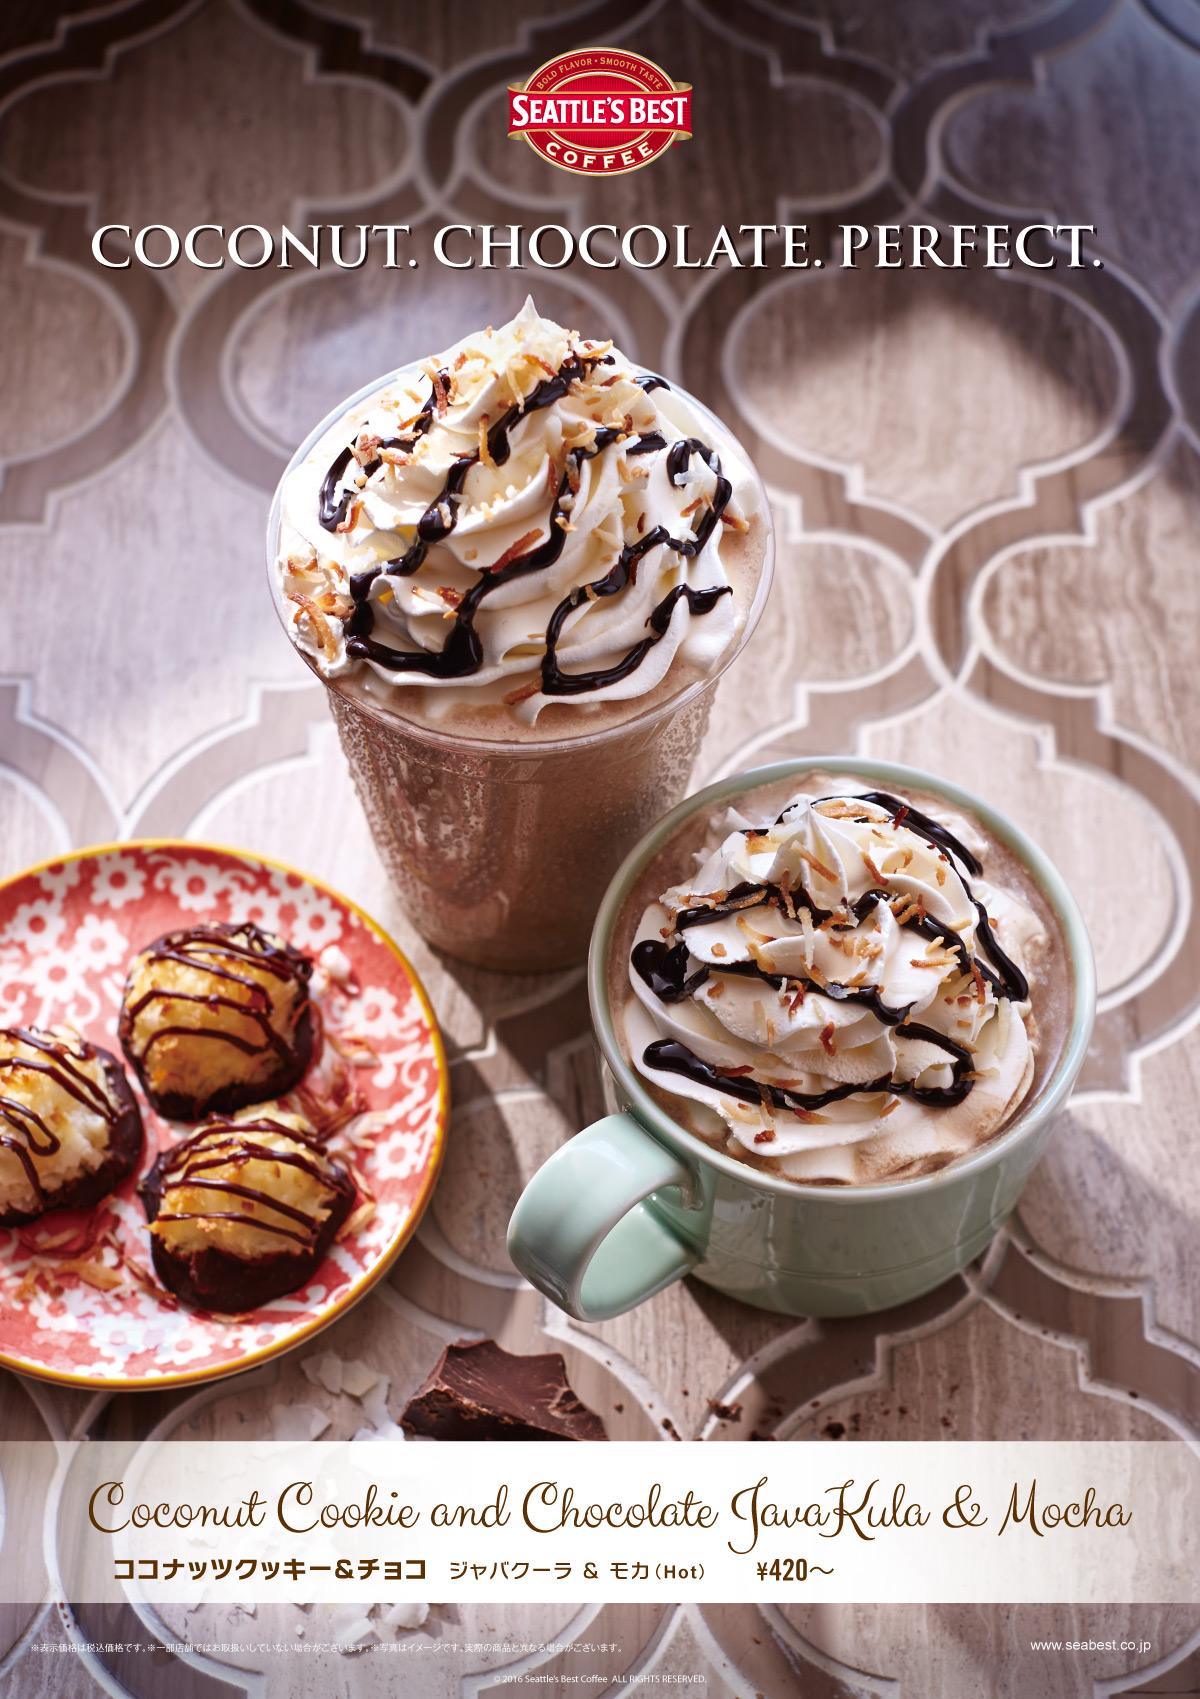 ココナッツクッキー&チョコジャバクーラ(奥)、ココナッツクッキー&チョコ モカ(手前)